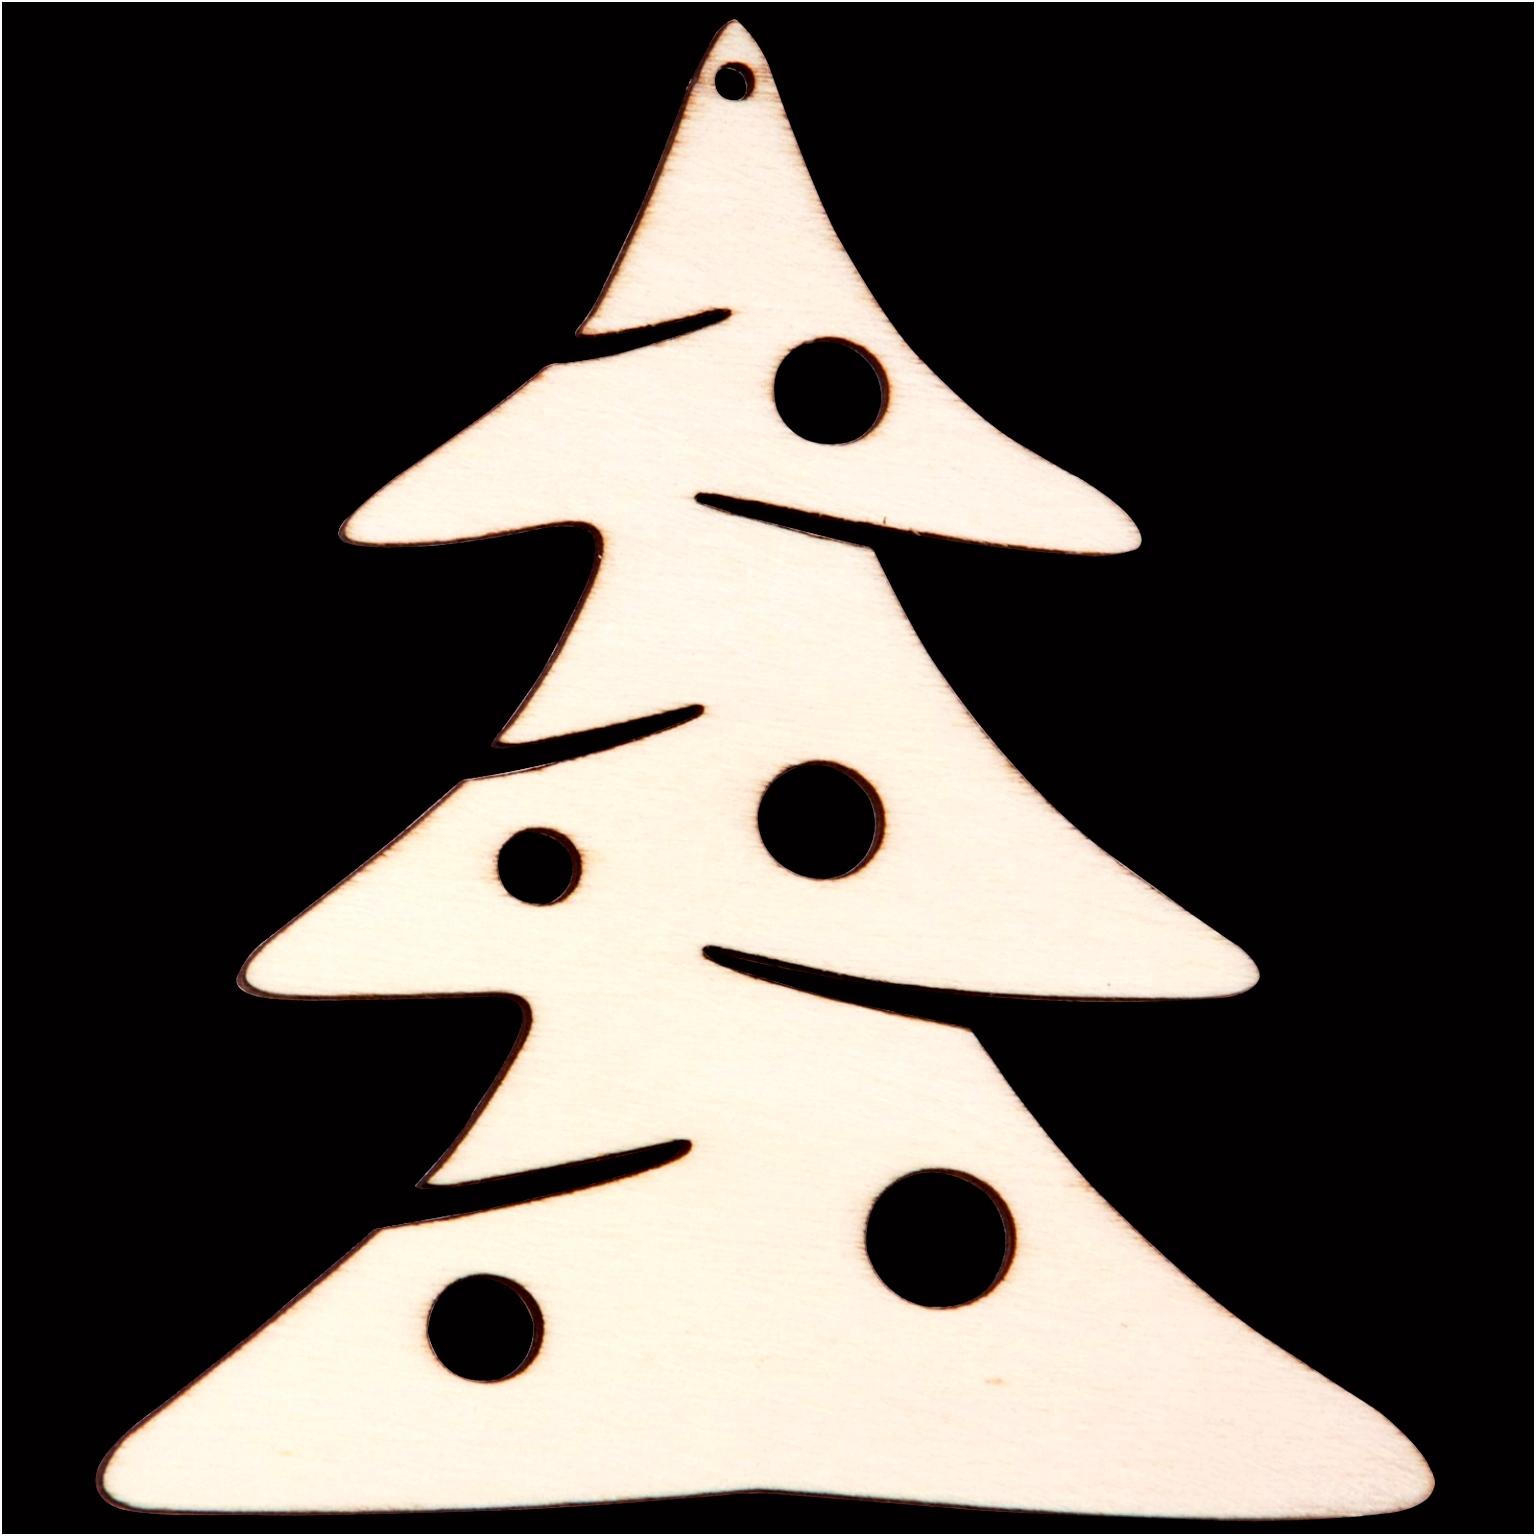 Schablone Tannenbaum Ausdrucken innen Weihnachtsbaum Vorlagen